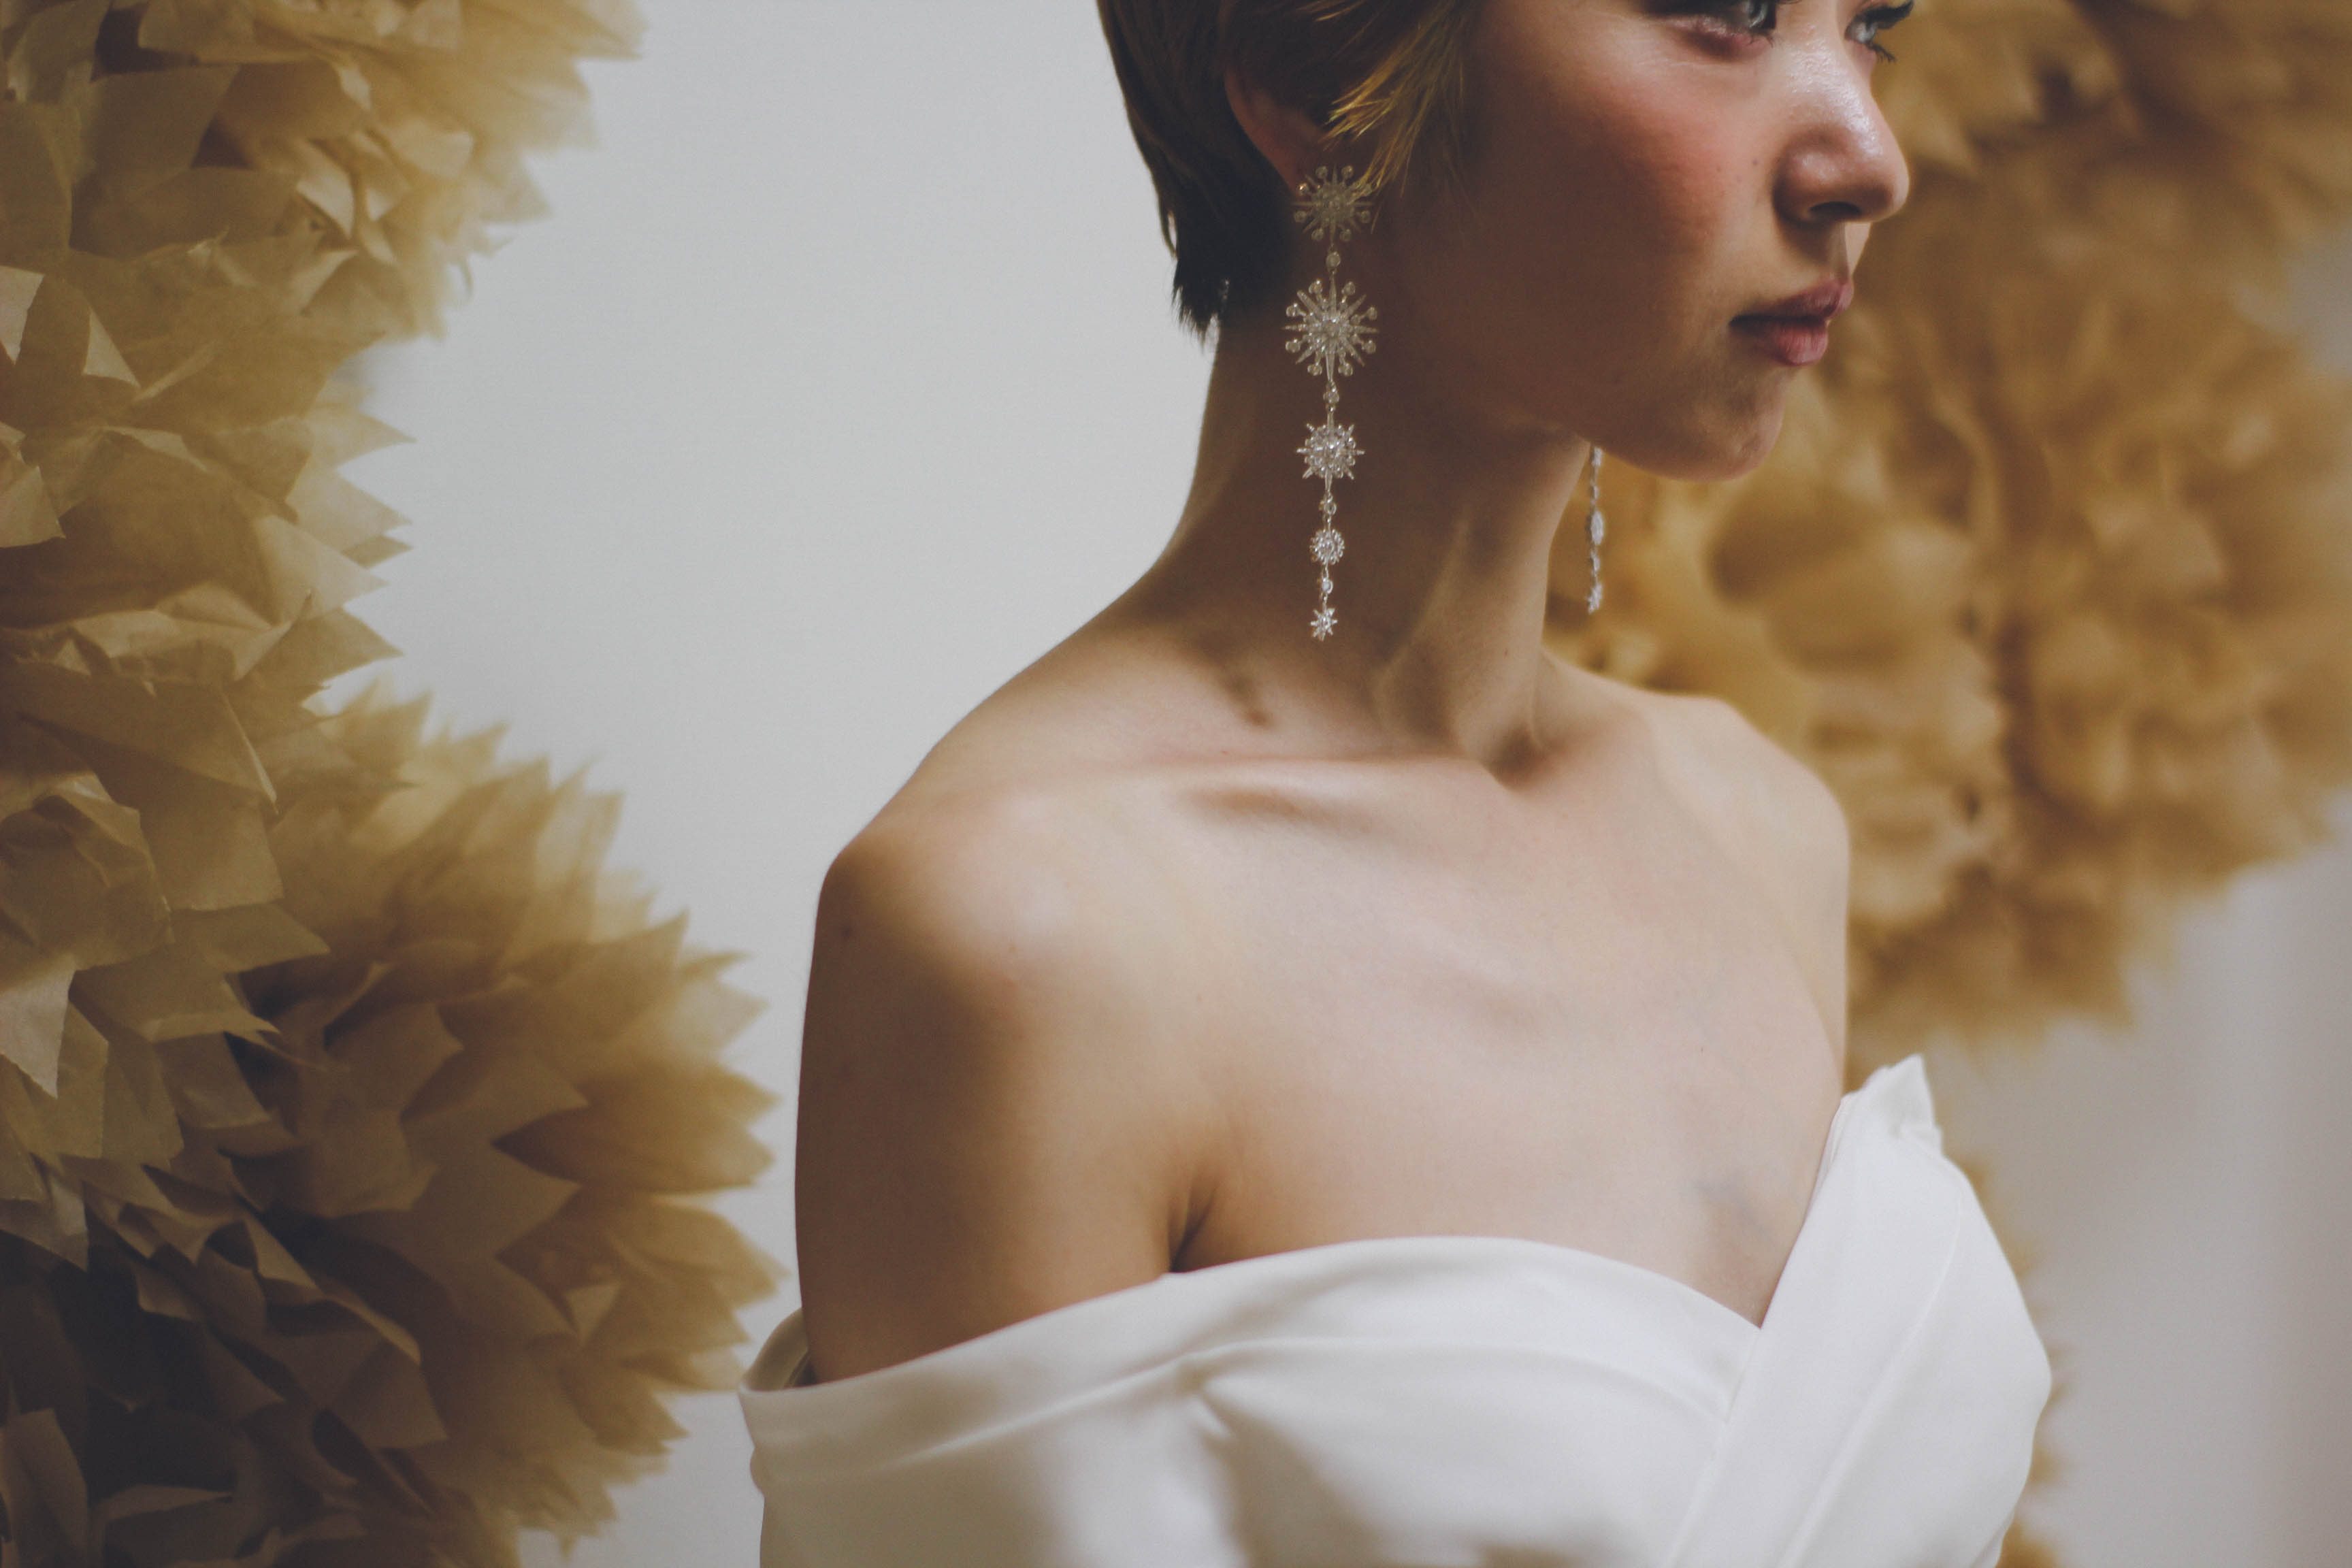 ウェディングドレス♡オフショルダーのソフトマーメイドドレスのご紹介